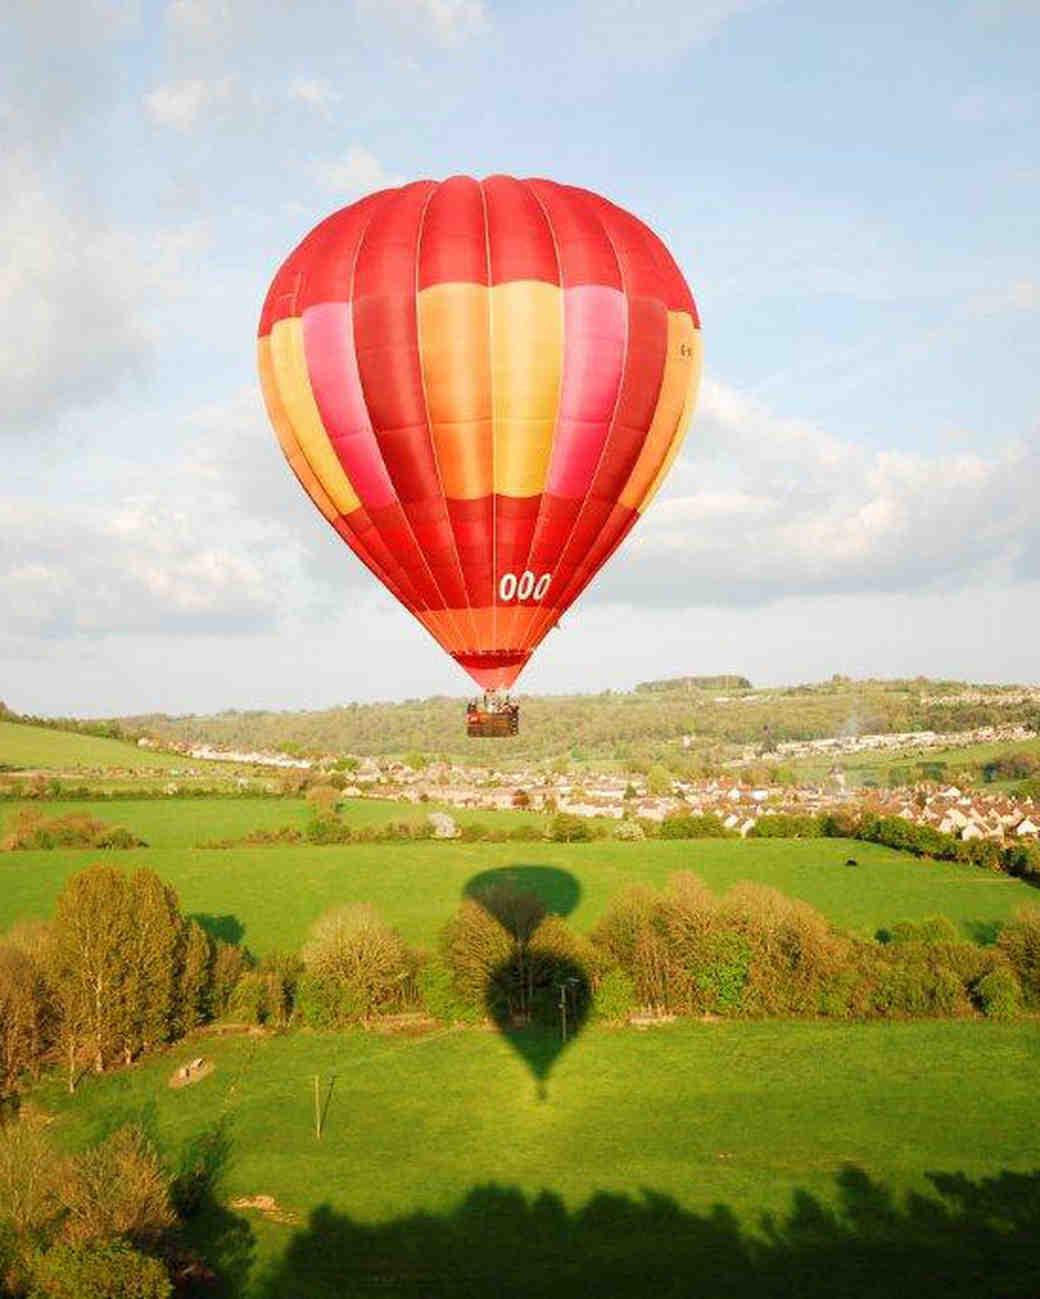 barnsley-house-balloon-mwd1011.jpg